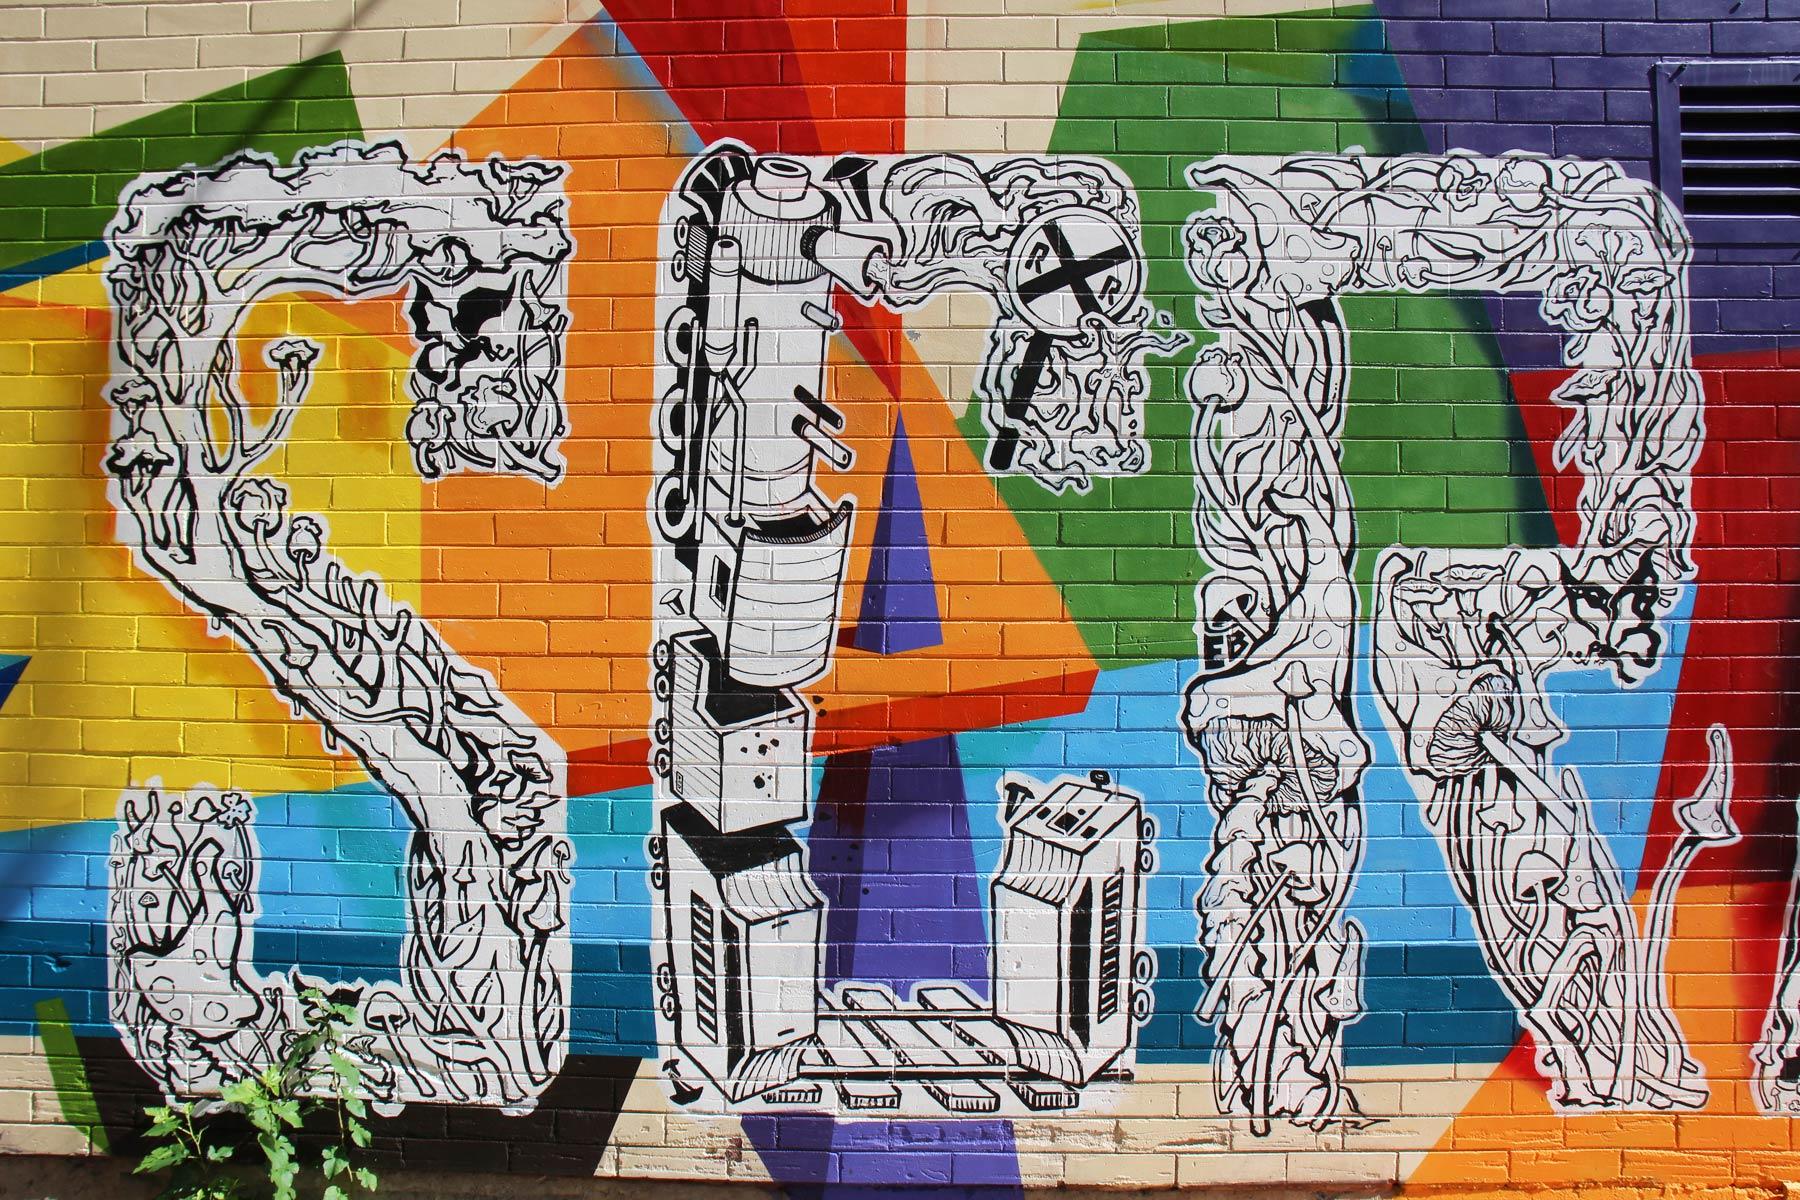 srcanton-mural-artist-eric-bussart-1.jpg